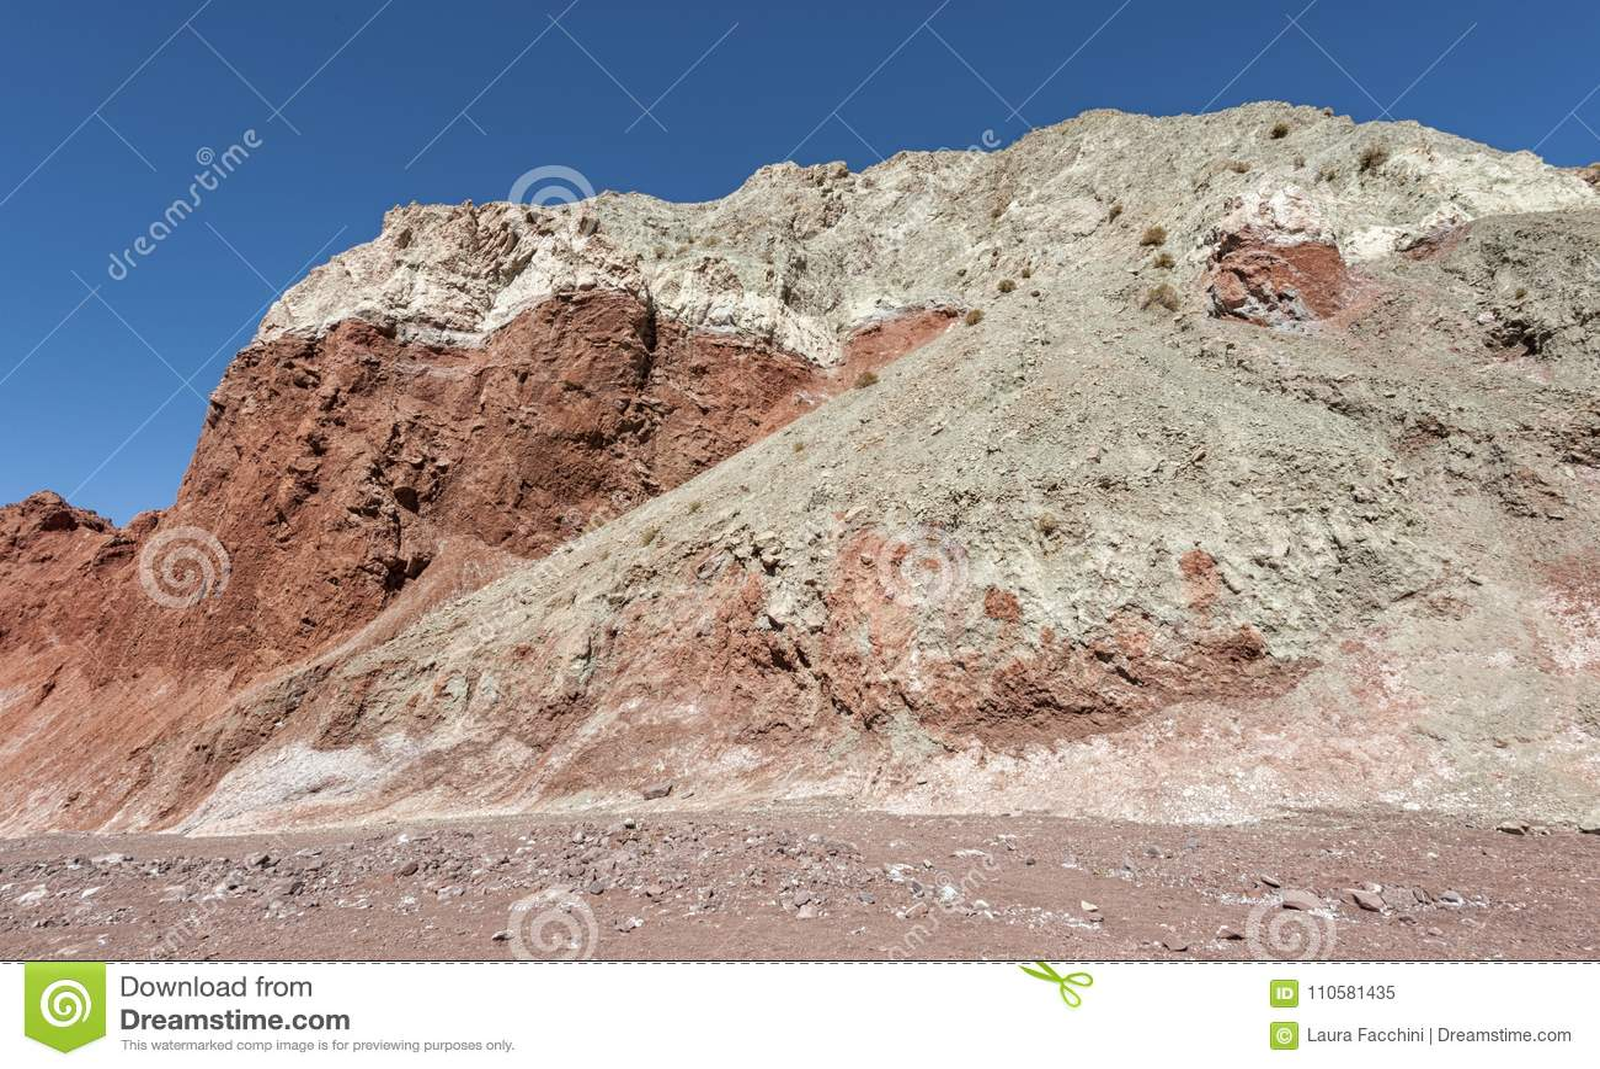 Vale Valle Arcoiris do arco-íris, no deserto de Atacama no Chile As rochas ricas minerais das montanhas de Domeyko dão o vale t